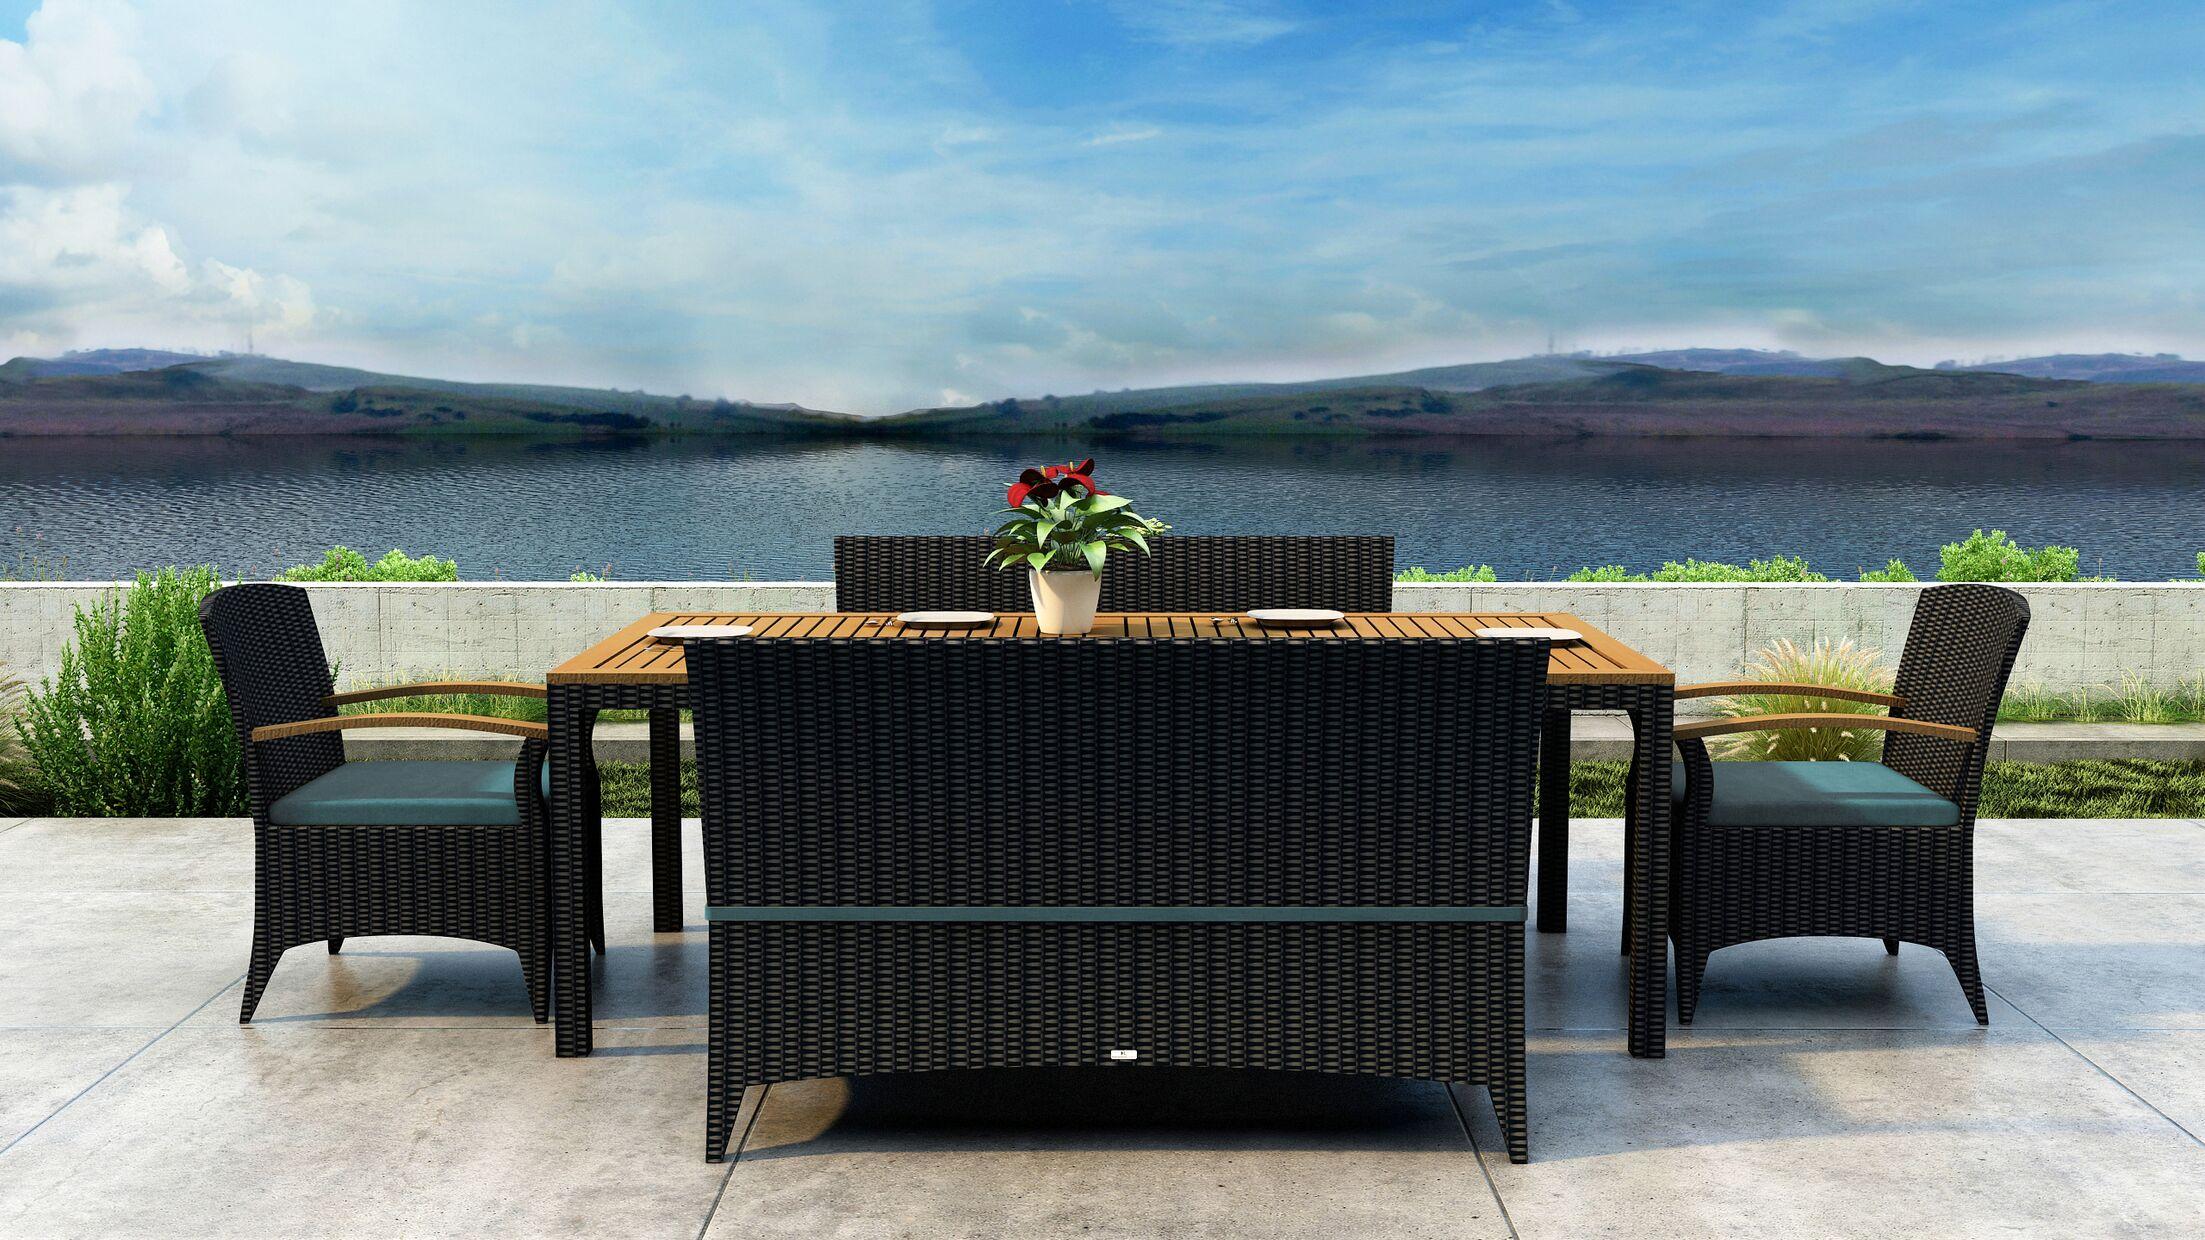 Aisha 5 Piece Dining Set with Sunbrella Cushion Cushion Color: Cast Lagoon